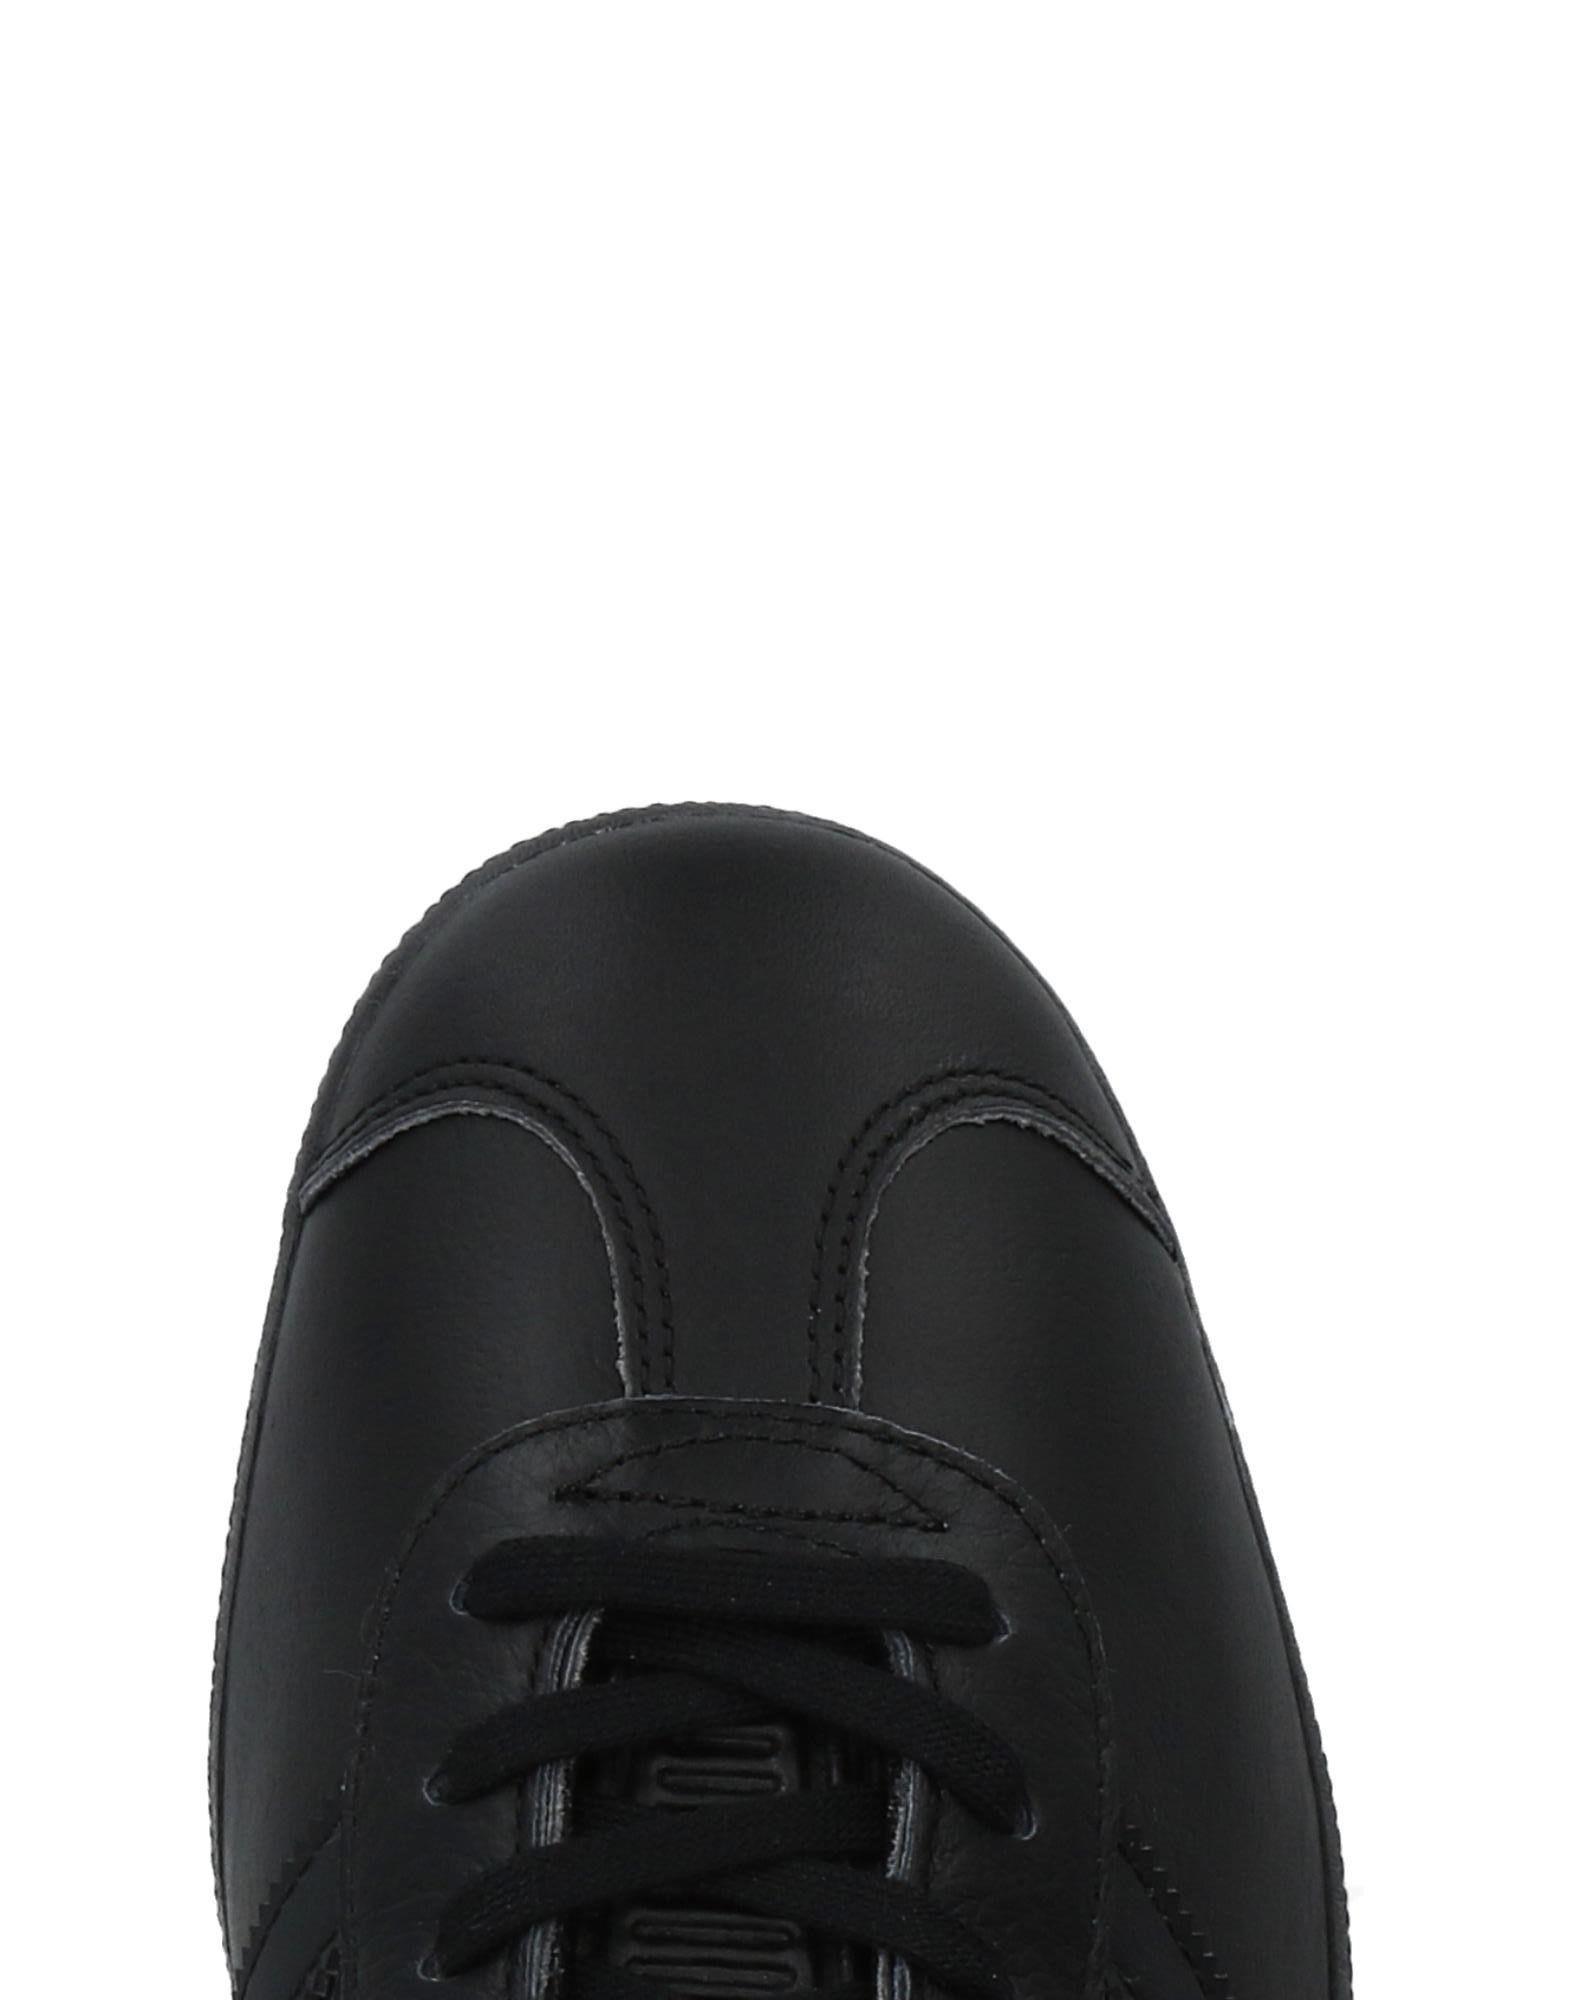 Sneakers & Tennis basses Cuir adidas Originals pour homme en coloris Noir i7rD